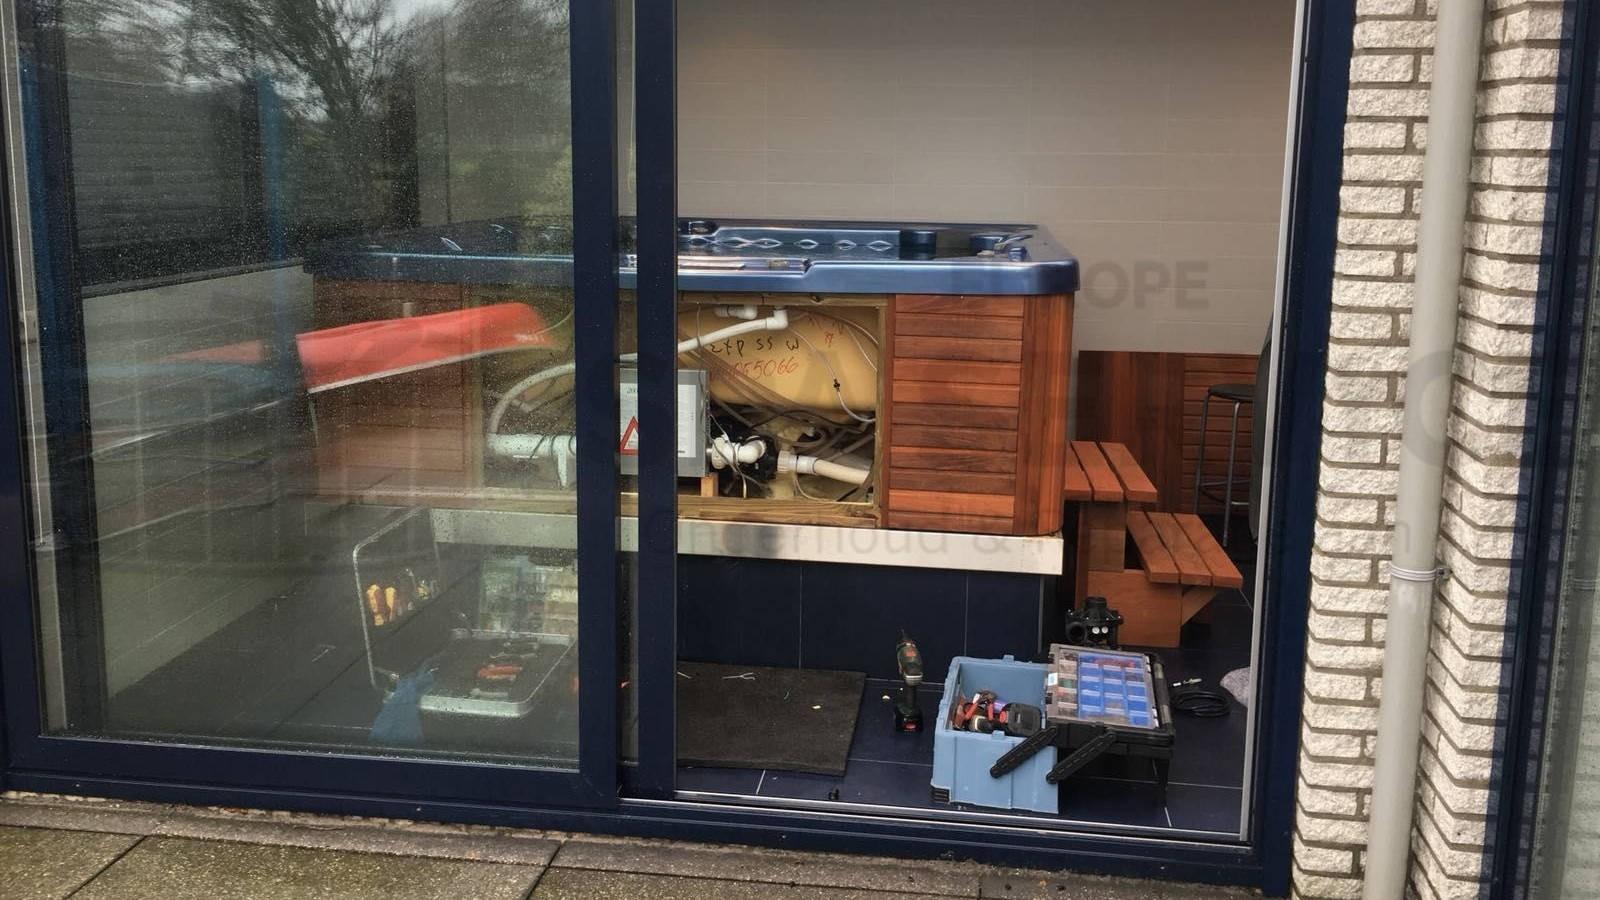 Ozonator en Circulatiepomp vervangen van een Chinese spa in Roosendaal